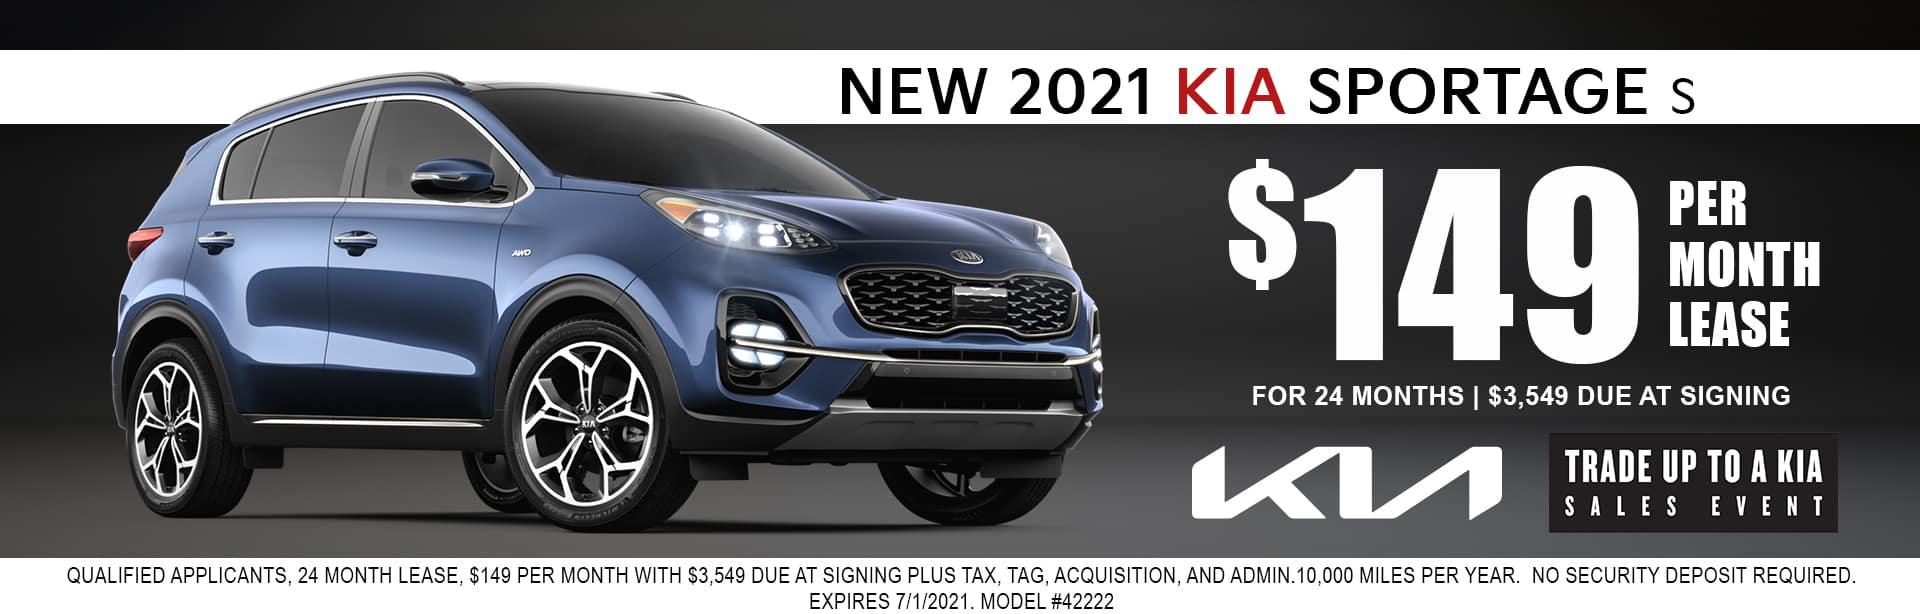 2021 Kia Sportage lease for $149/mo